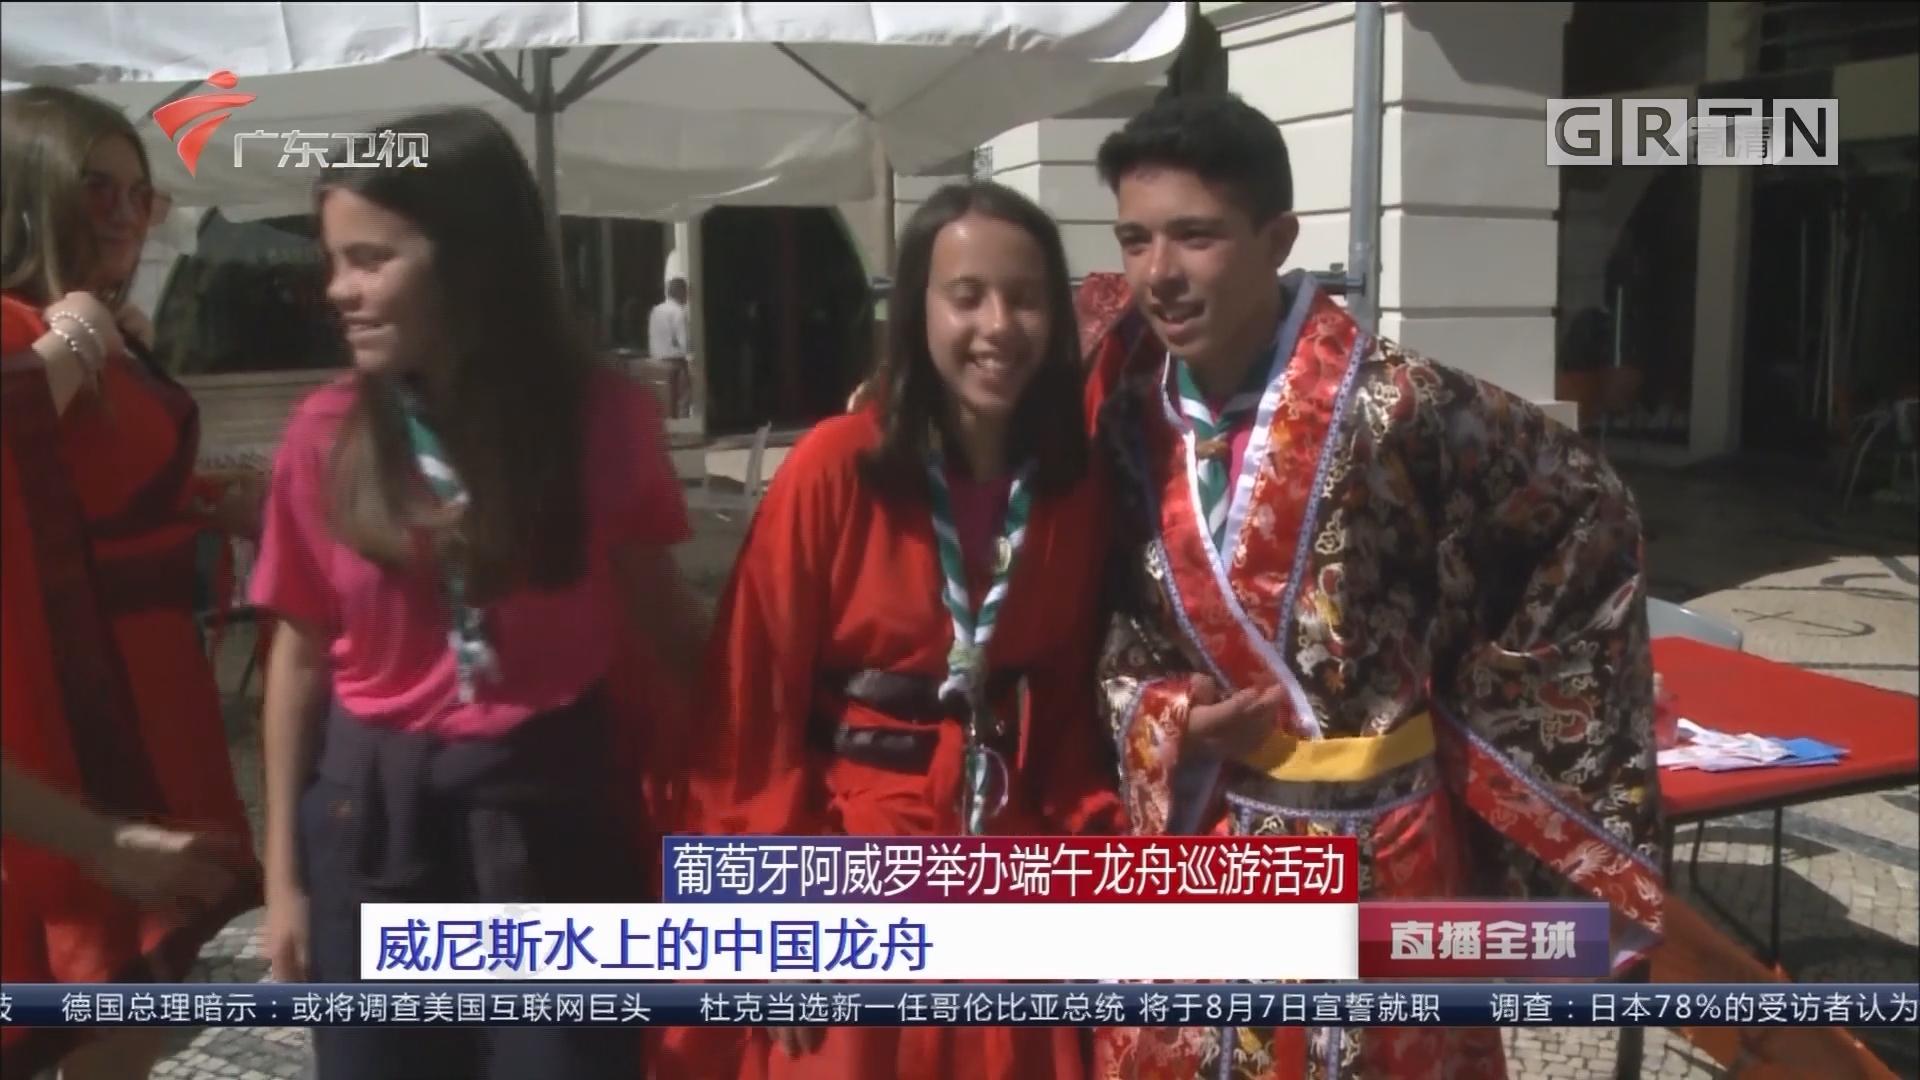 葡萄牙阿威罗举办端午龙舟巡游活动 威尼斯水上的中国龙舟